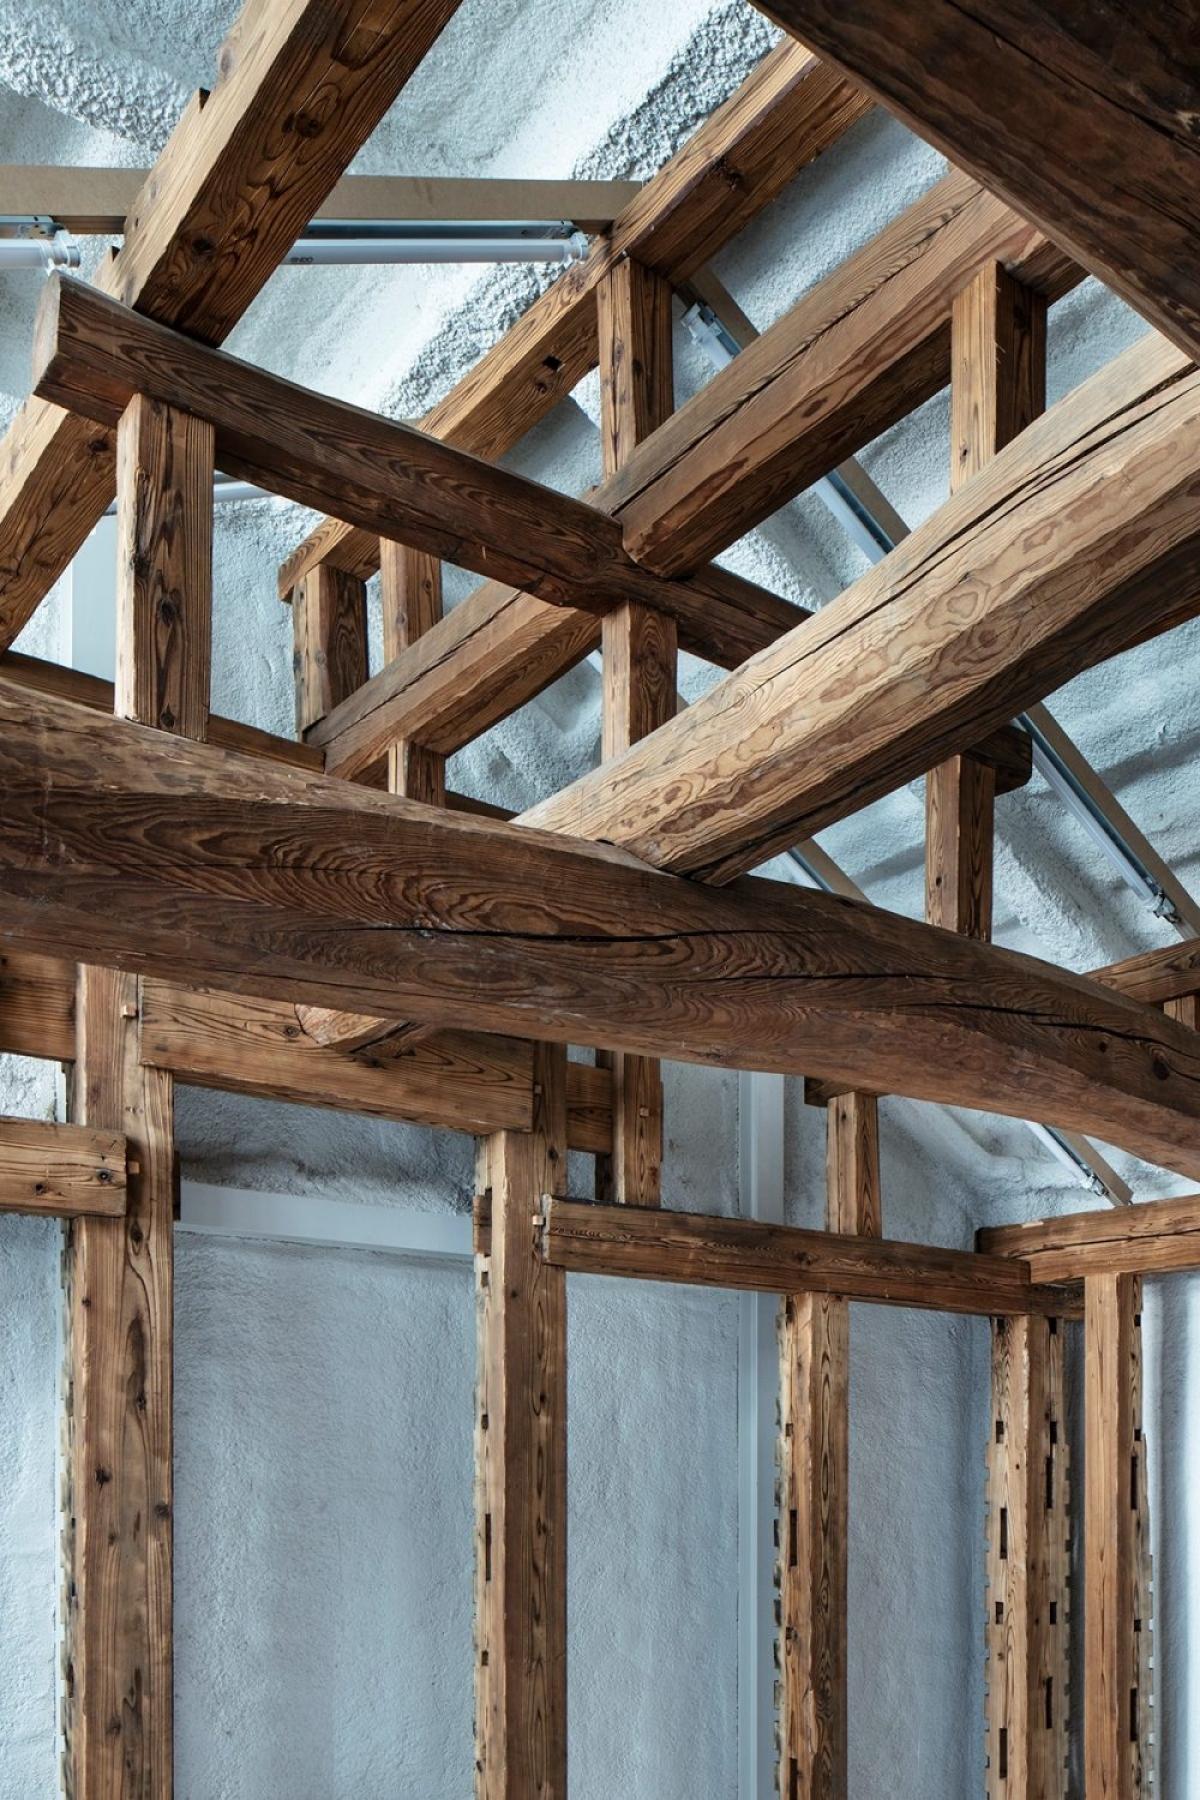 Khung gỗ và bê tông tạo nên một không gian mộc mạc, gần gũi giúp gia chủ một cuộc bình dị, an yên./.